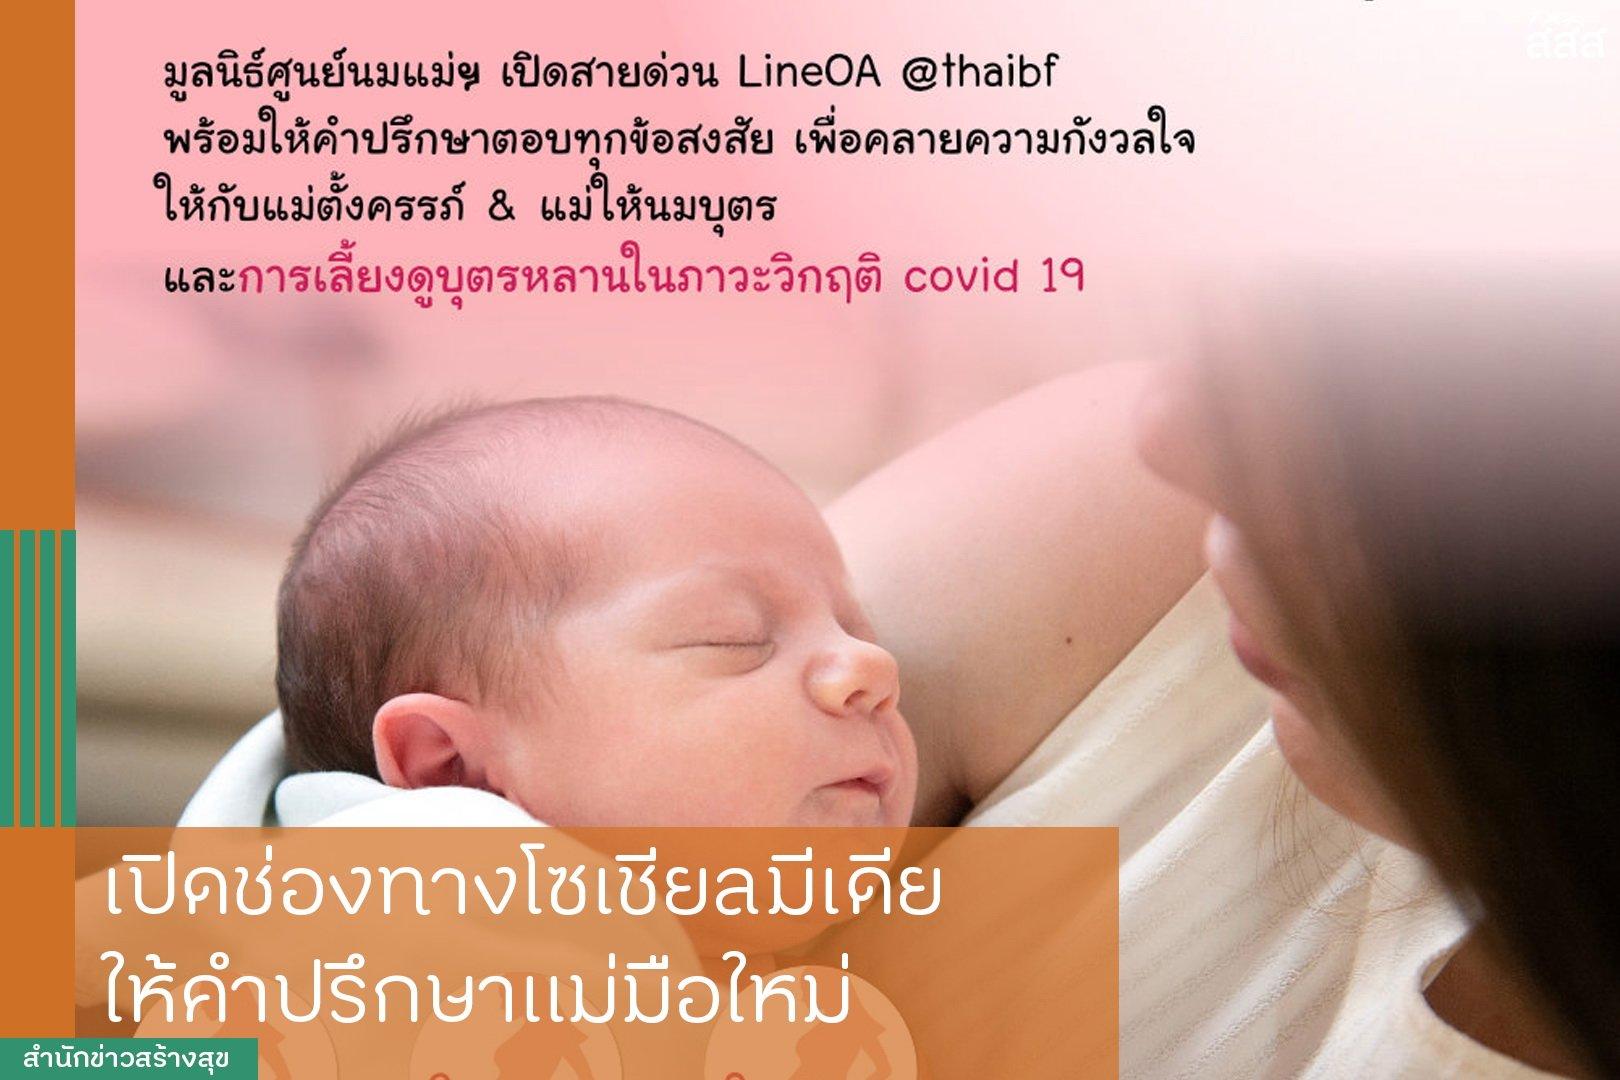 เปิดช่องทางโซเชียลมีเดีย ให้คำปรึกษาคุณแม่มือใหม่ thaihealth